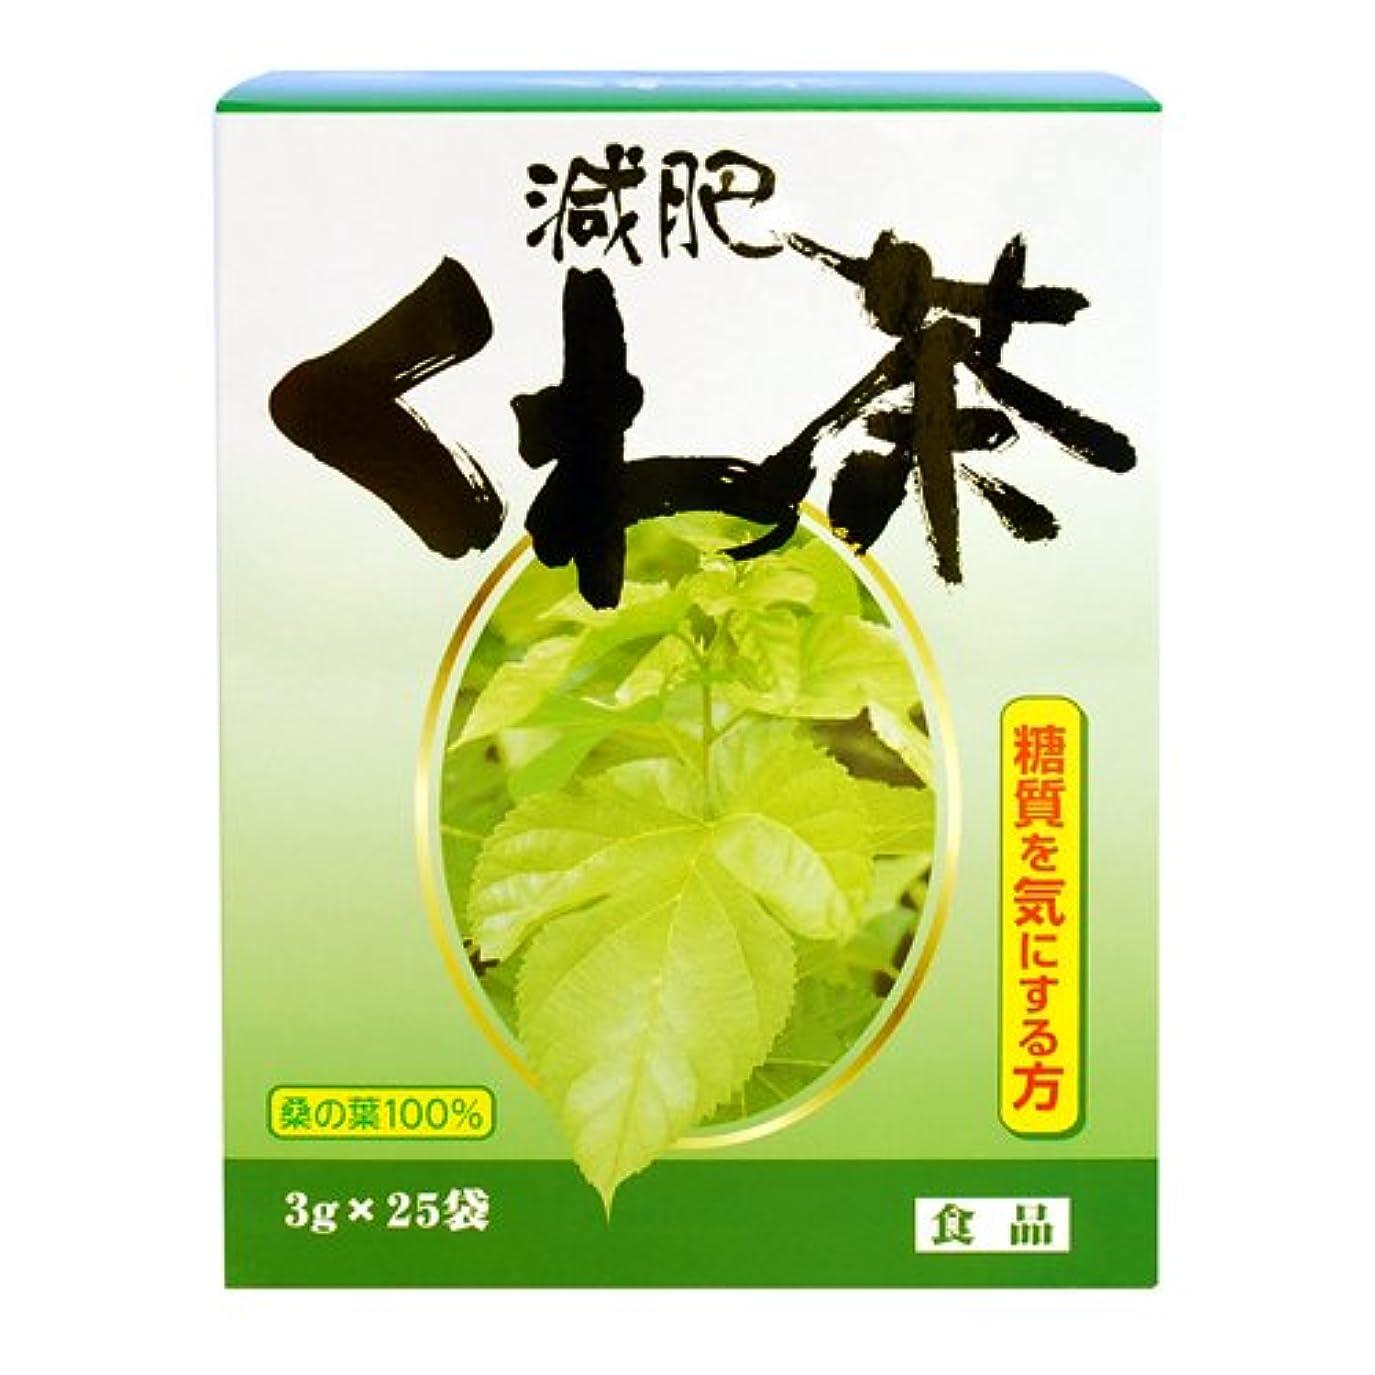 もっともらしい学校教育シャンパンリケン 減肥くわ茶 3g×25包